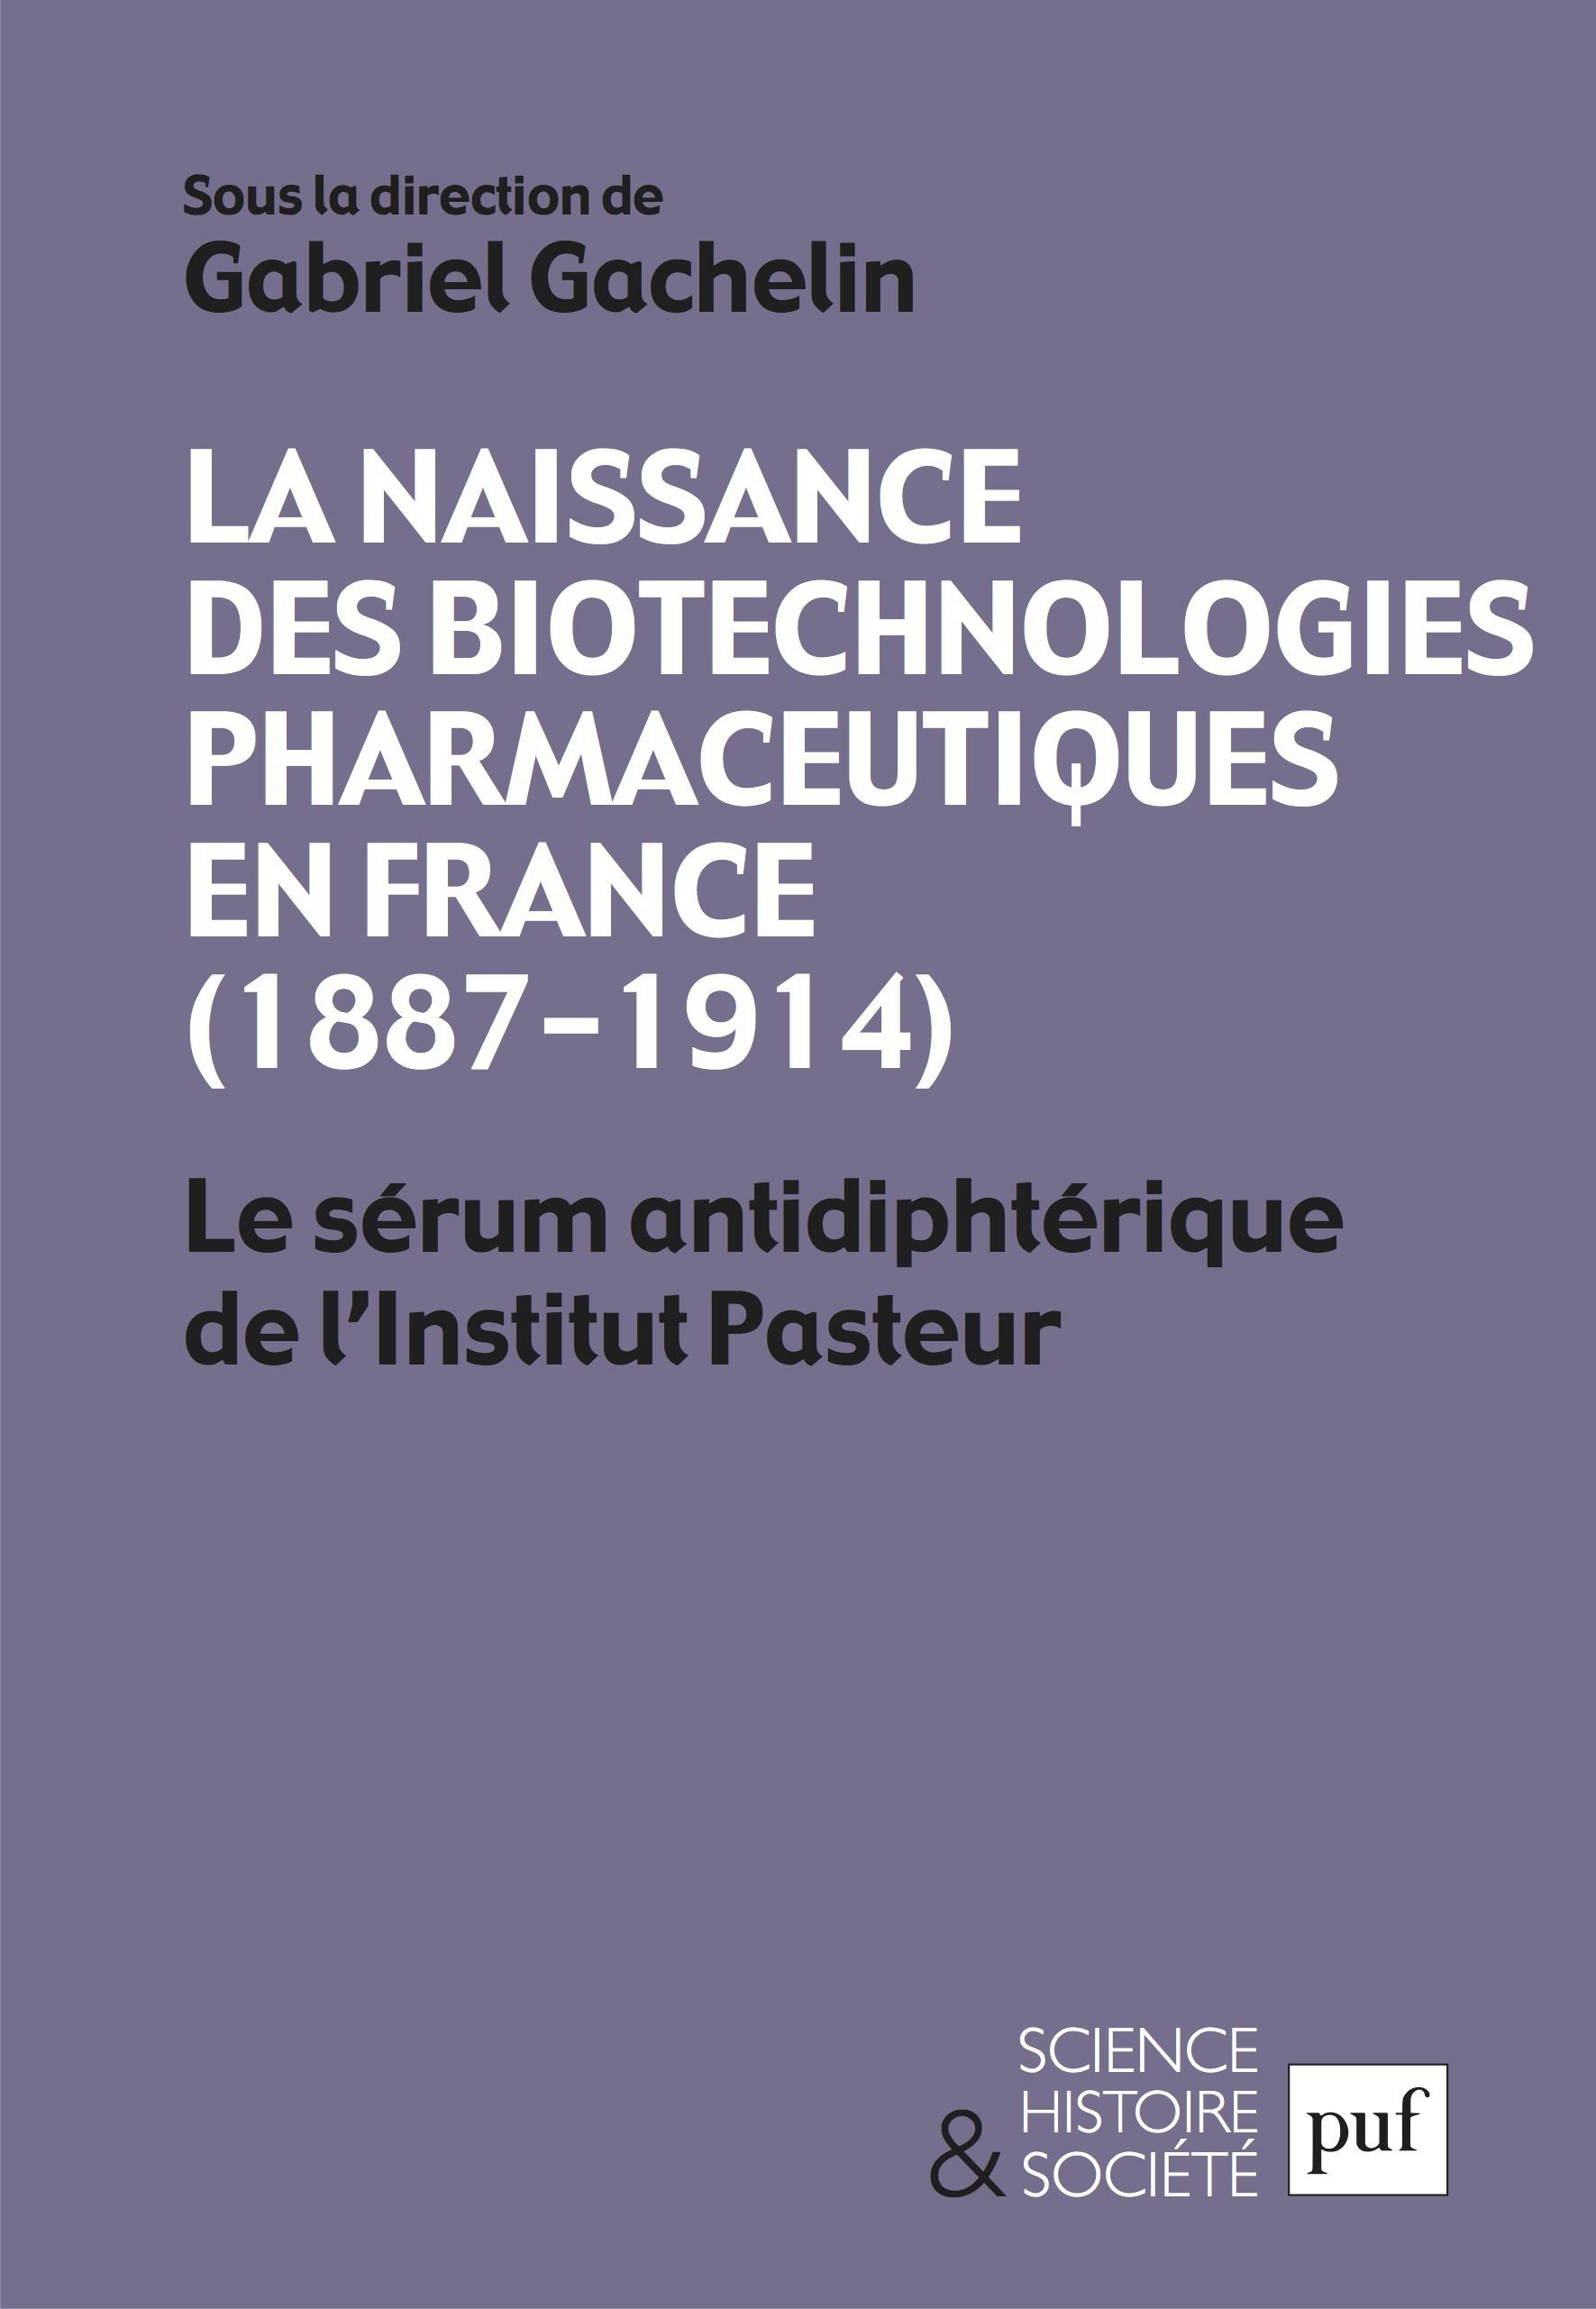 Gabriel Gachelin La naissance des biotechnologies pharmaceutiques en France (1887-1914)